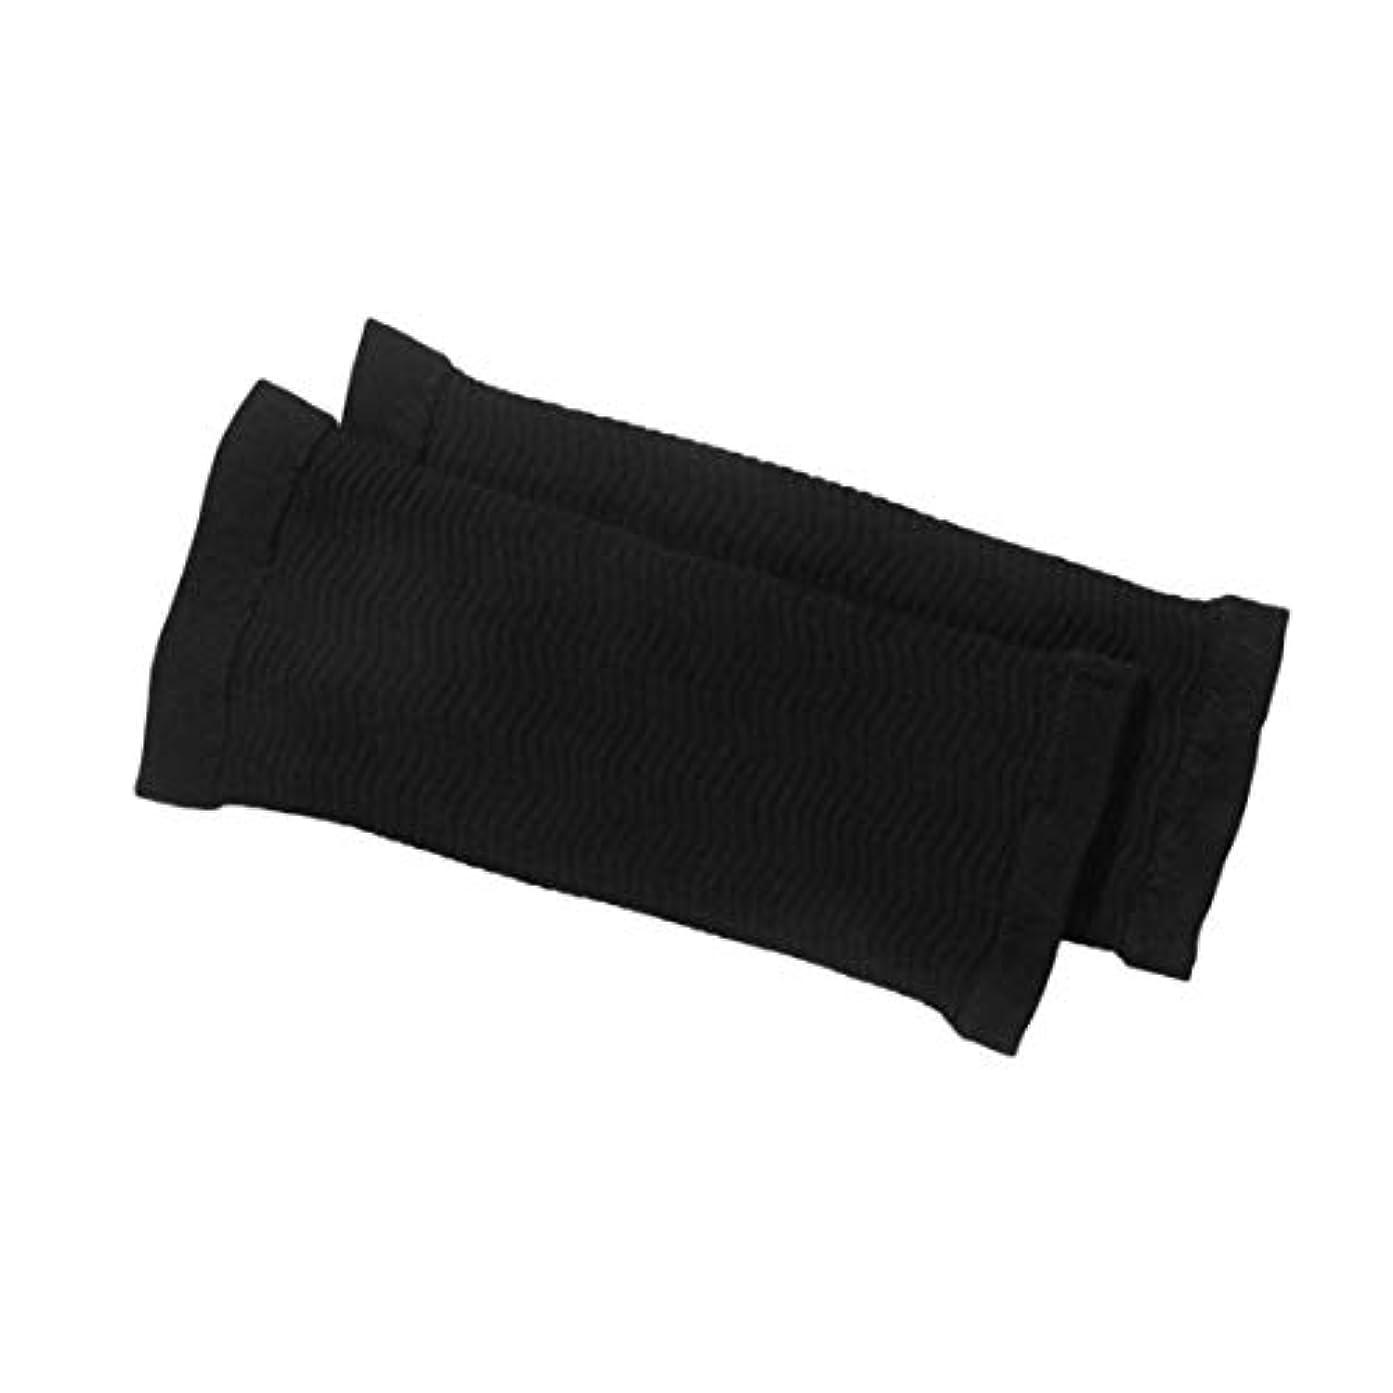 復活くしゃみ学者1ペア420 D圧縮痩身アームスリーブワークアウトトーニングバーンセルライトシェイパー脂肪燃焼袖用女性 - 黒